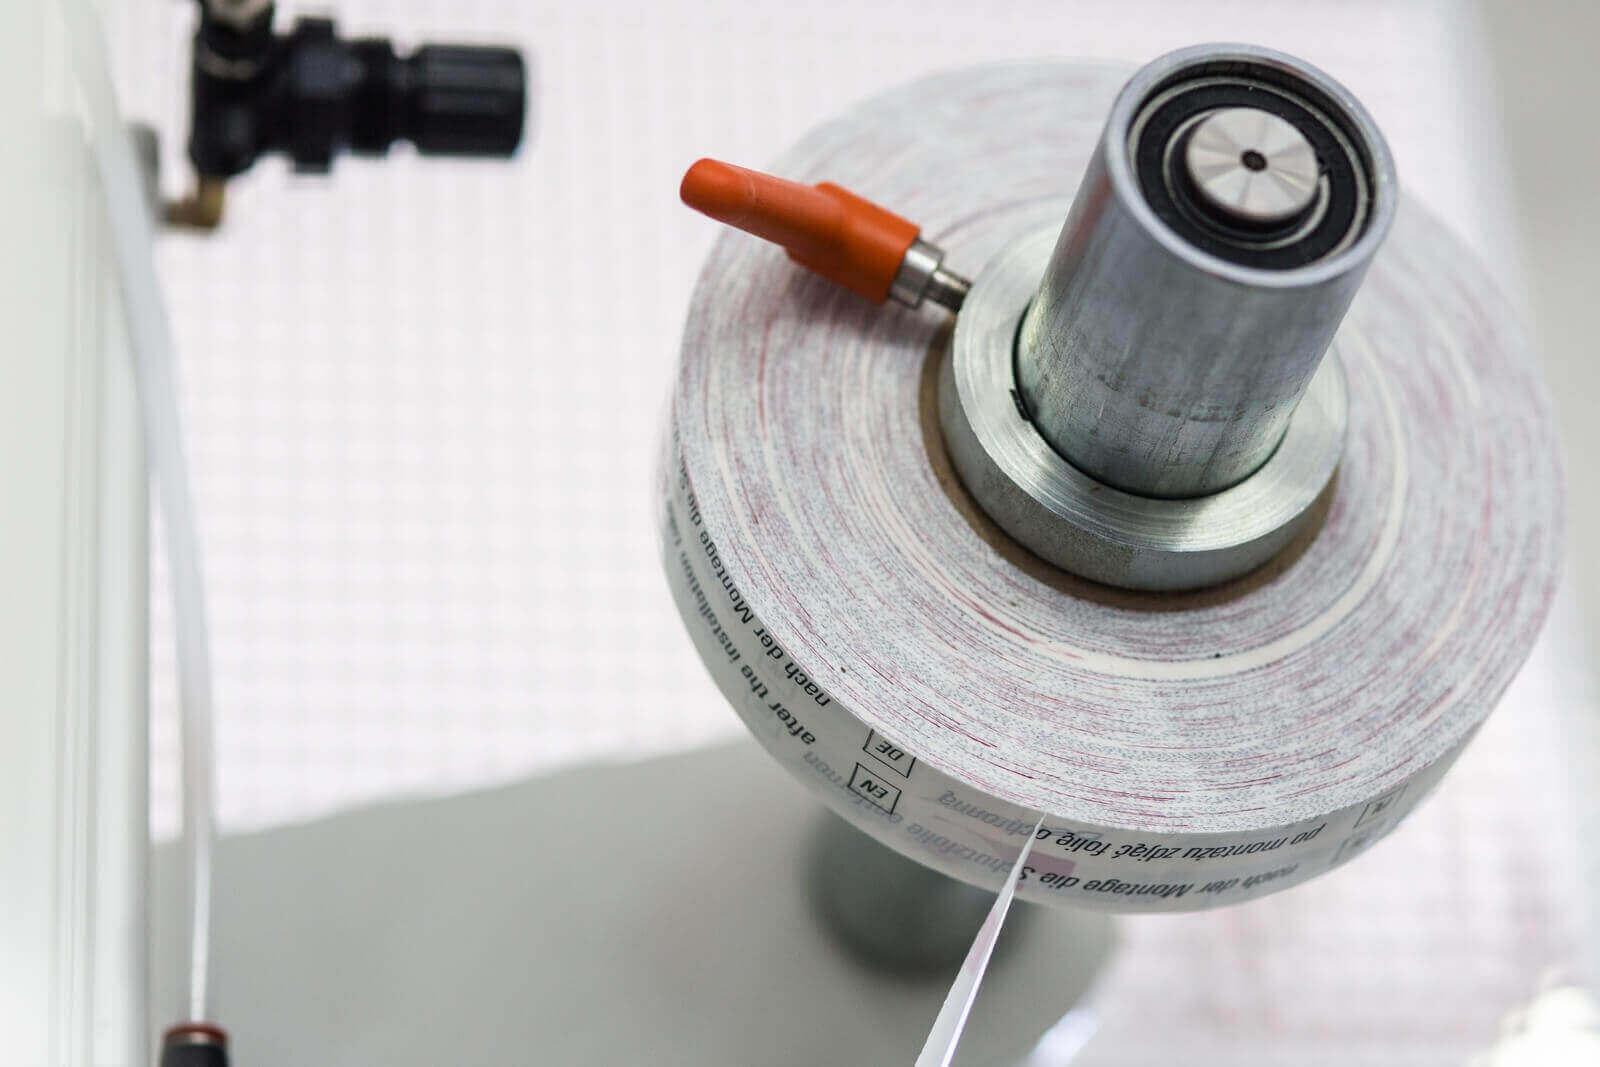 Taśma ochronna do zabezpieczenia pancerza prowadnic skrzynki rolety zewnętrznej